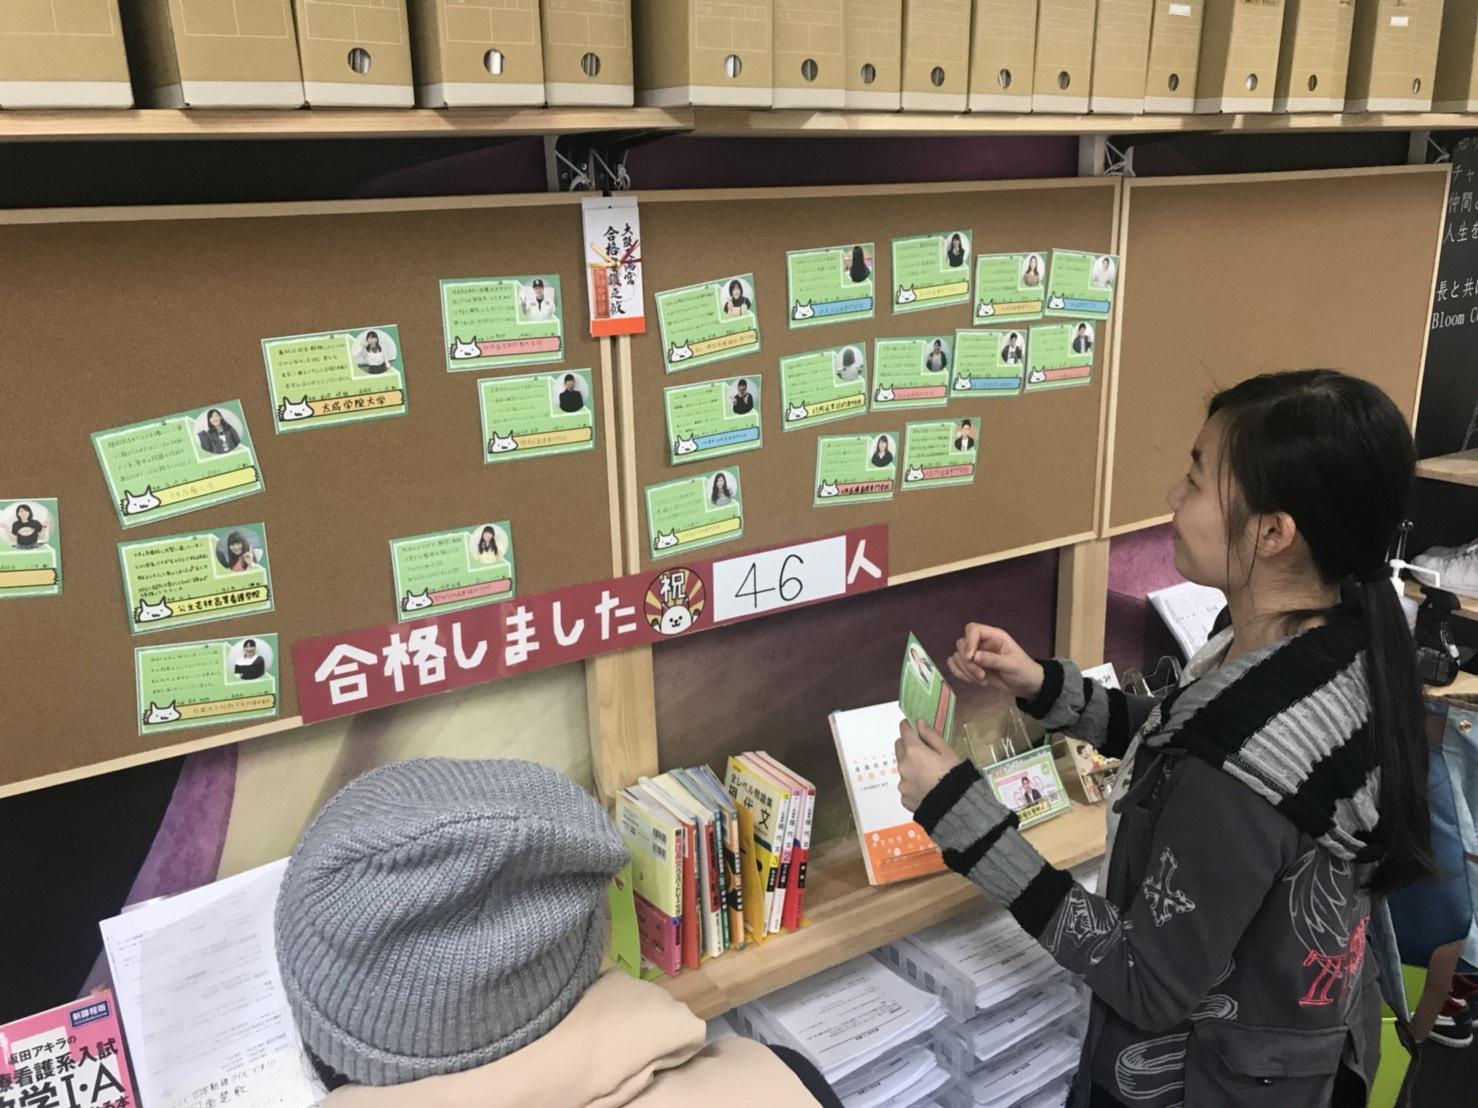 看護学校に合格した生徒が合格報告カードを貼っている画像